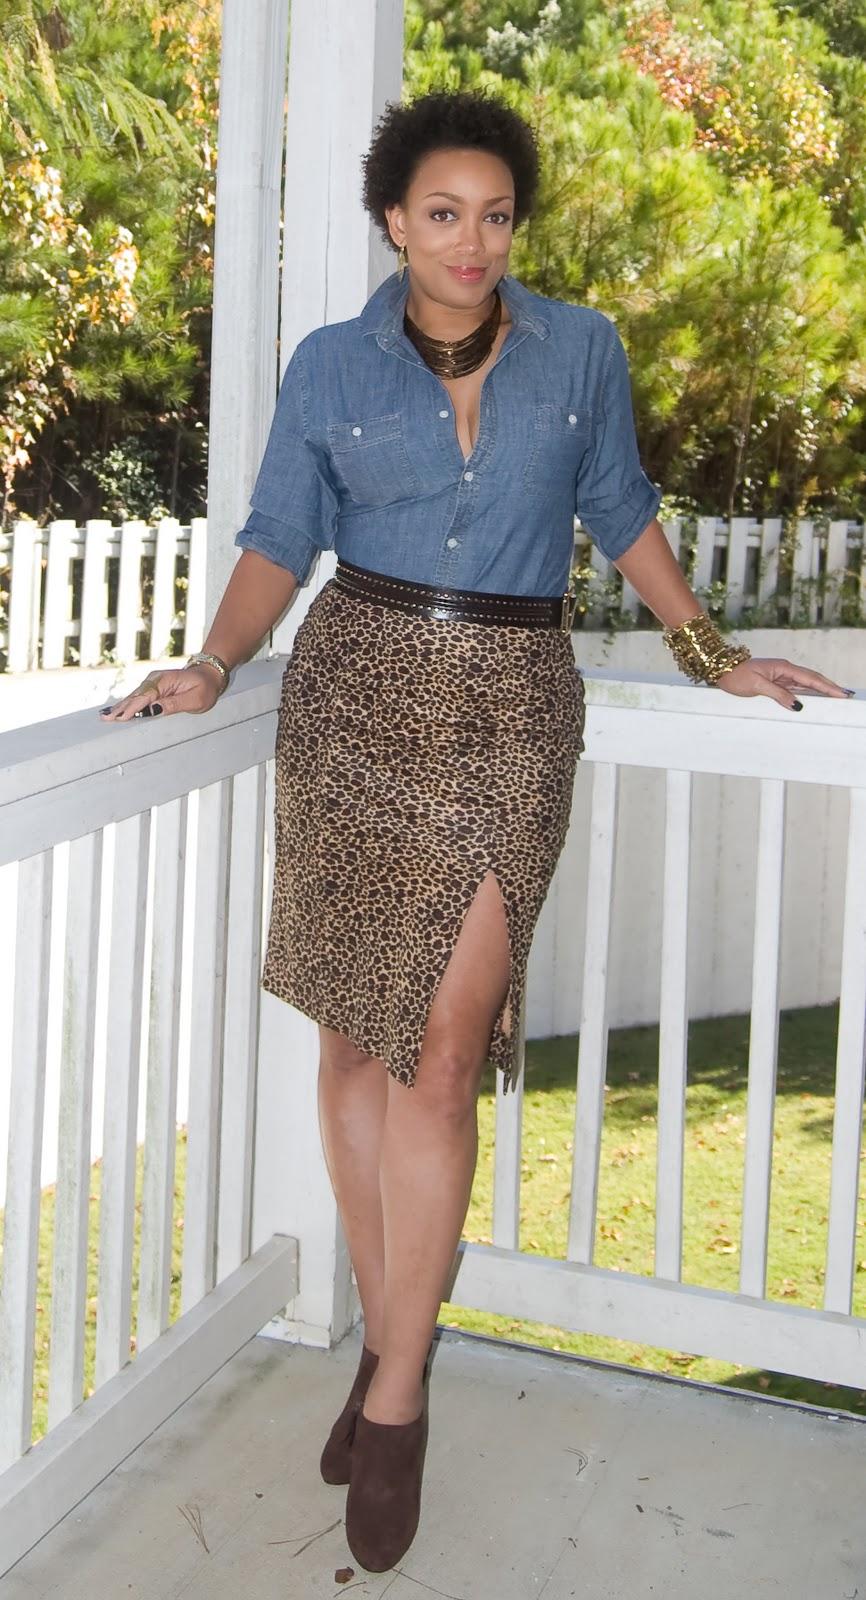 e279e9352c Inspired by Pinterest  Denim shirt + Leopard skirt